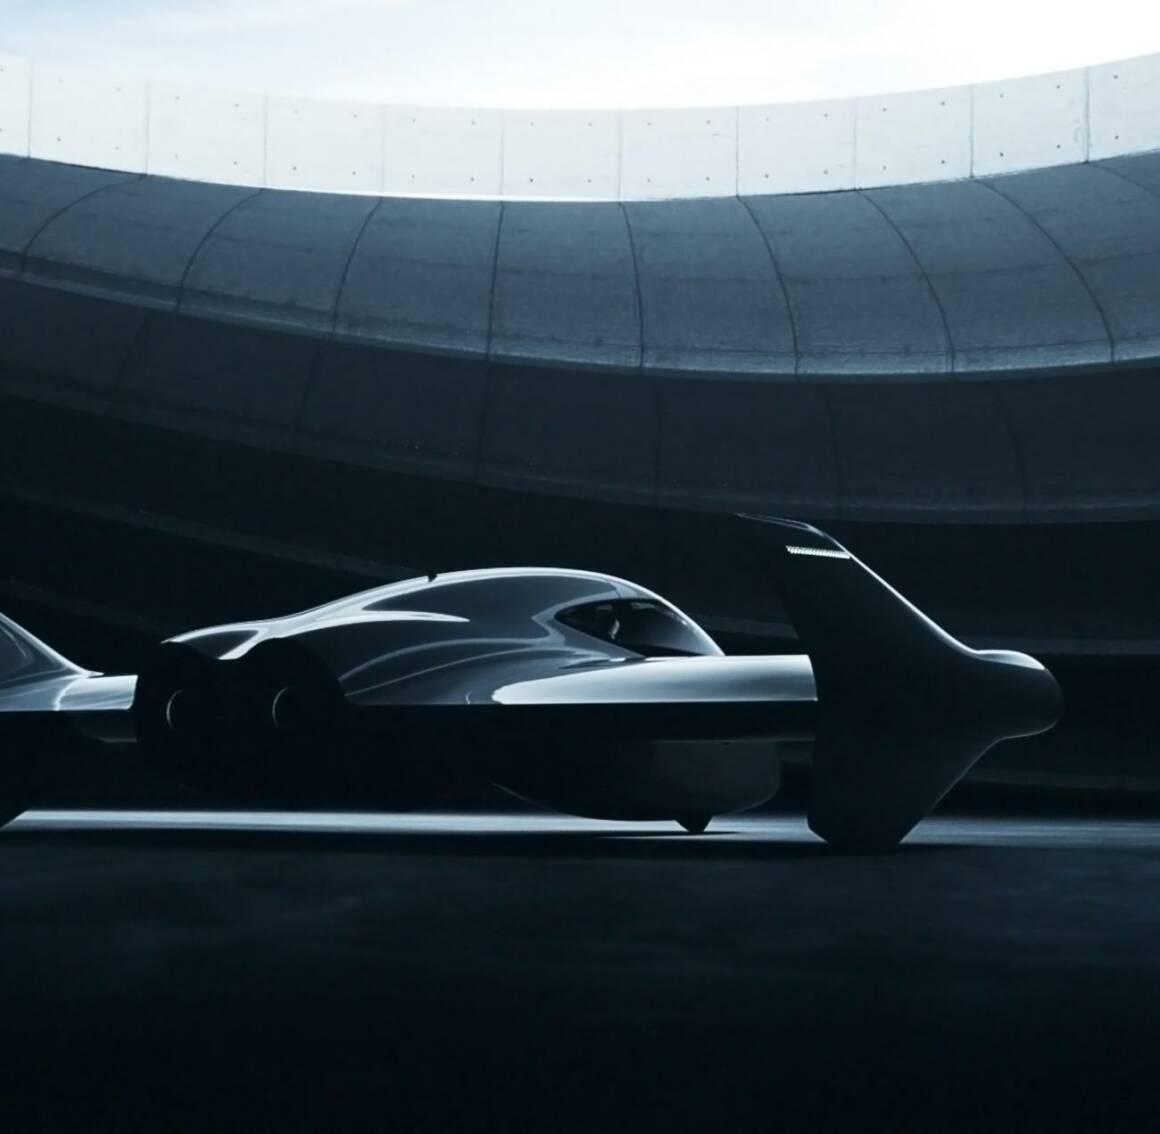 la nuova mobilita aerea urbana premium verra disegnata da porsche e boeing in partnership 1160x1134 - La nuova mobilità aerea urbana premium verrà disegnata da Porsche e Boeing in partnership